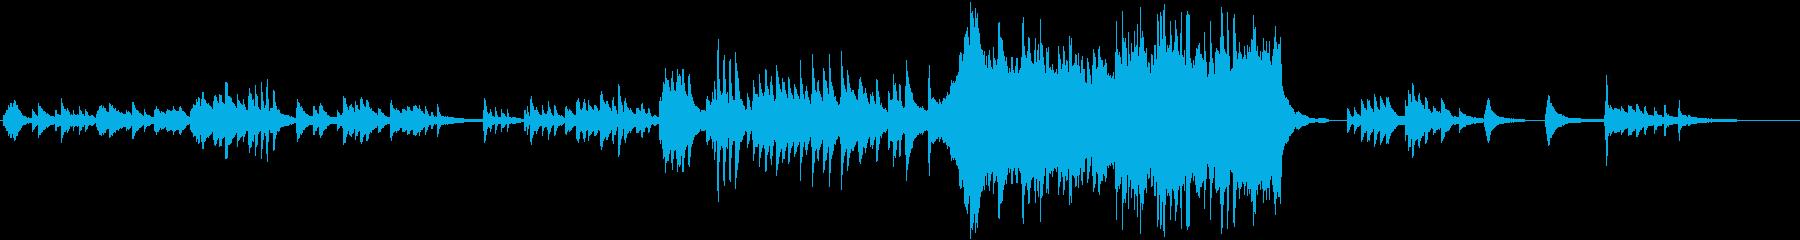 感動的なピアノバラード曲の再生済みの波形